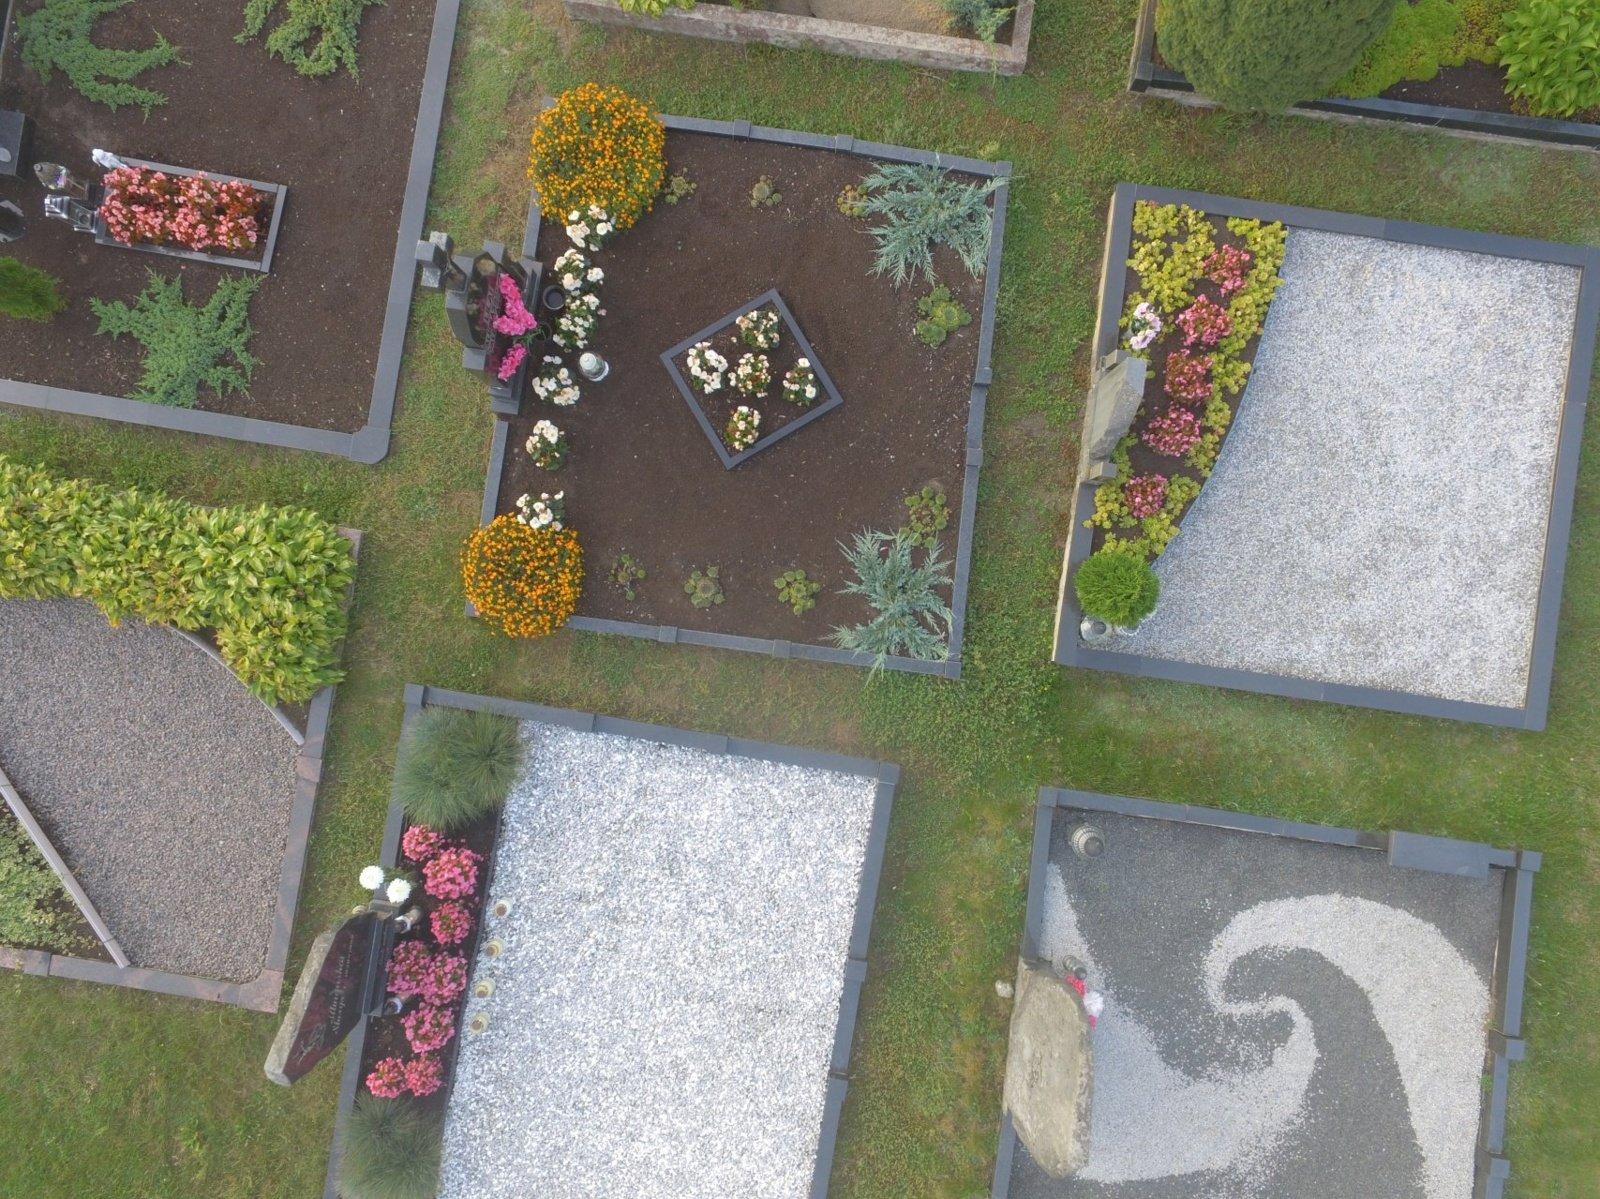 Kapinių skaitmeninimo sistema gali padėti paprasčiau atrasti savo artimųjų kapus